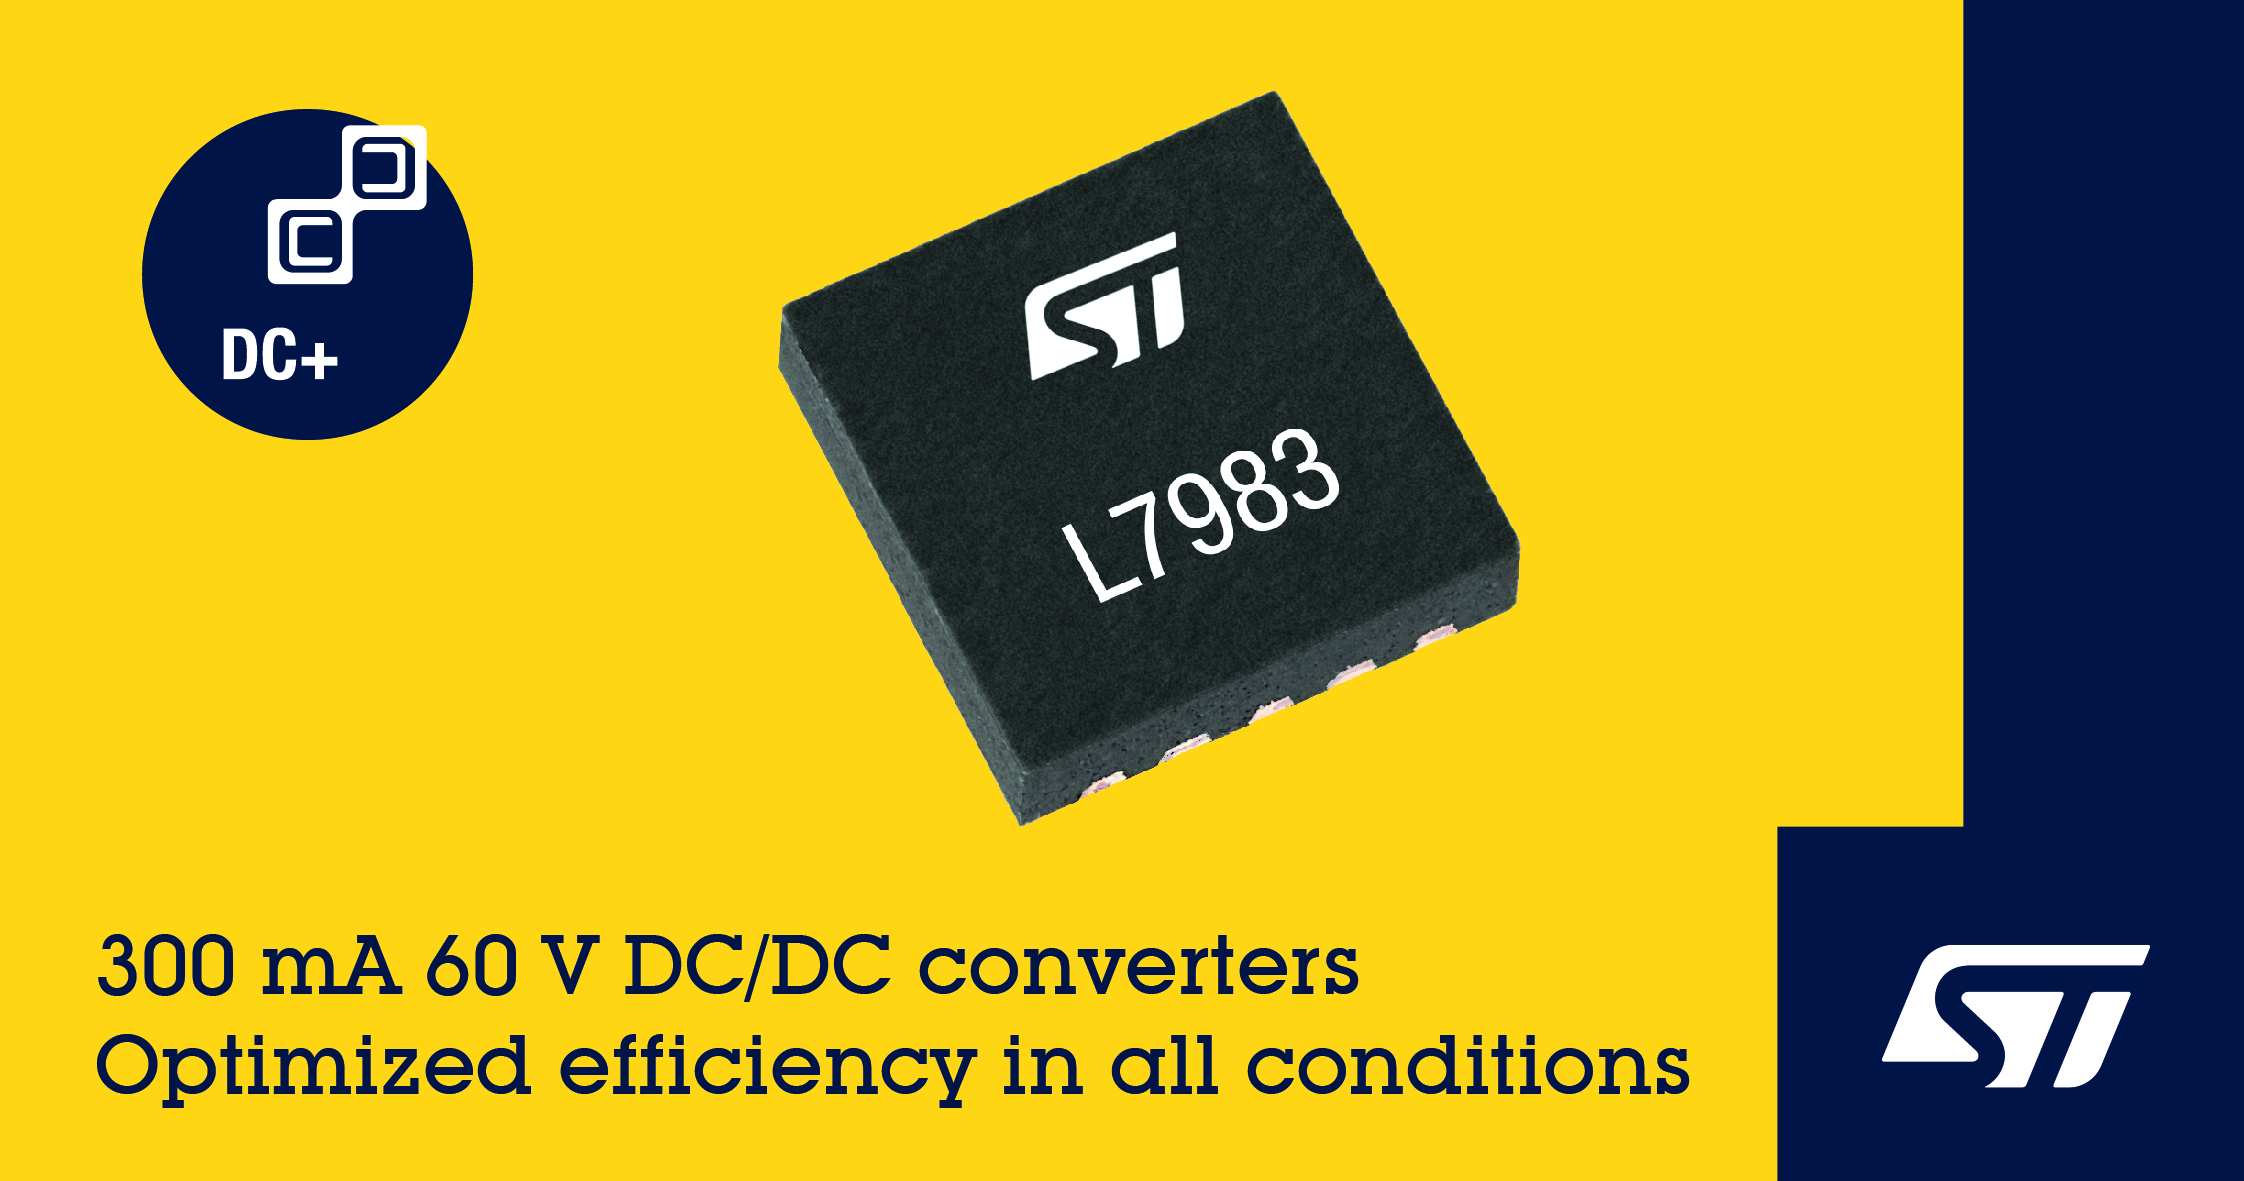 意法半导体发布高灵活性紧凑型60V DC/DC变换器